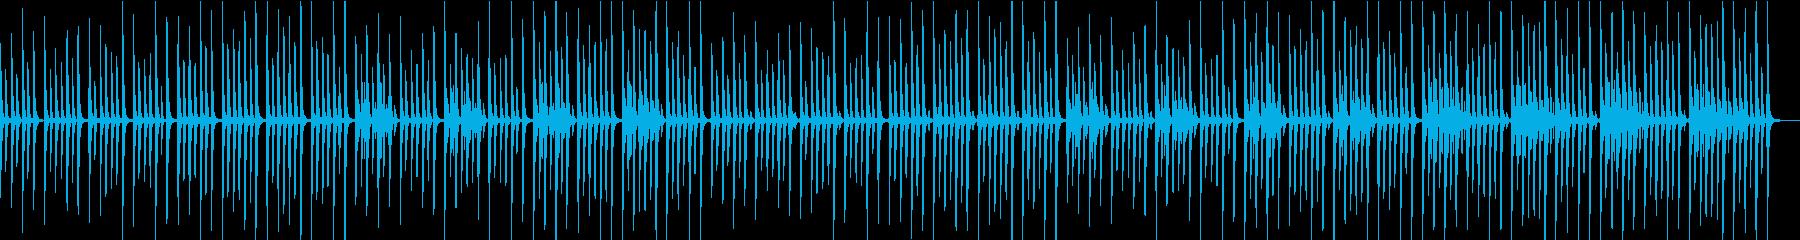 優しく清潔感のある曲の再生済みの波形